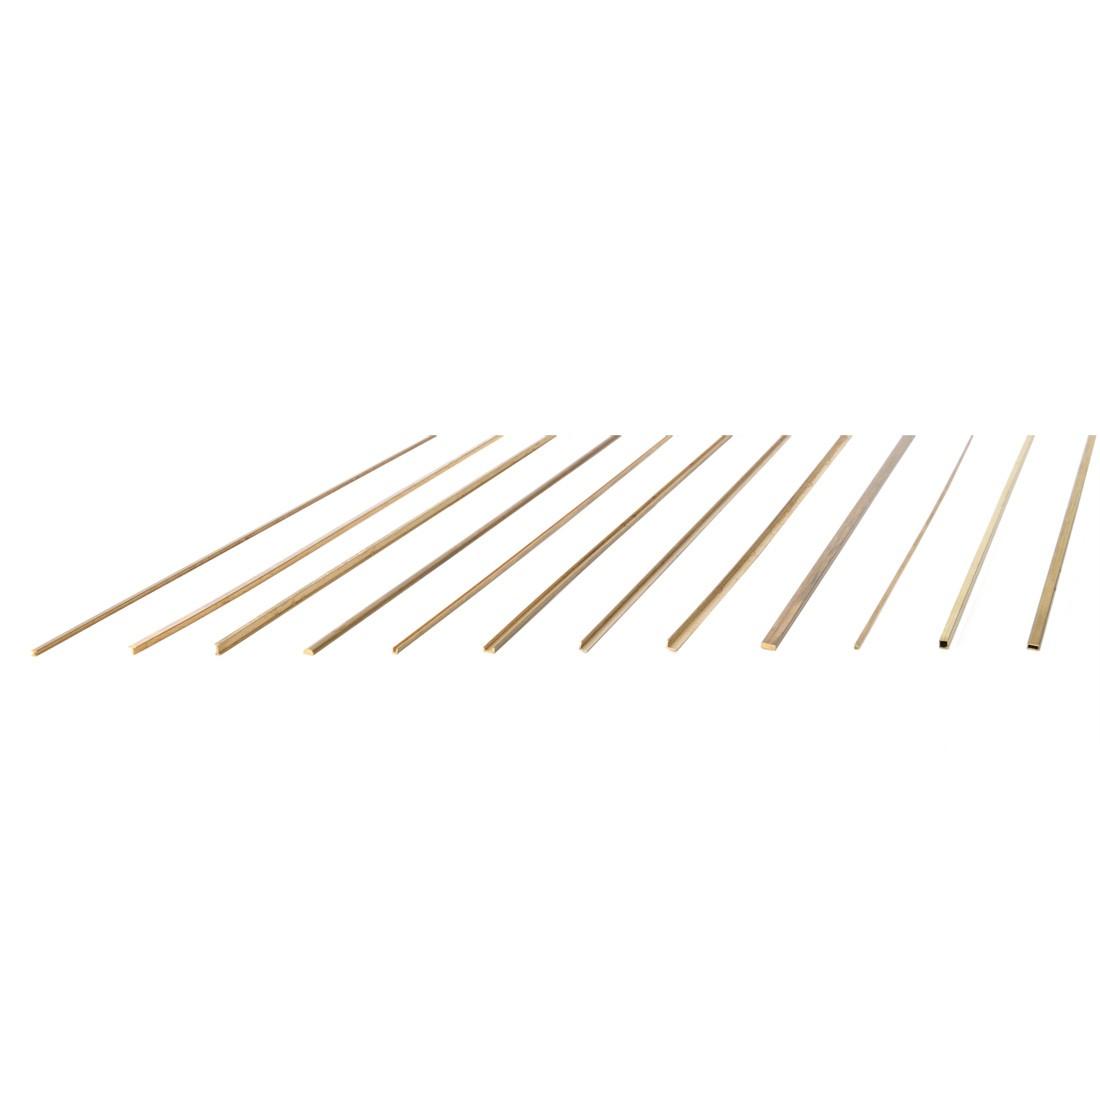 Ángulos de latón 1x2x500